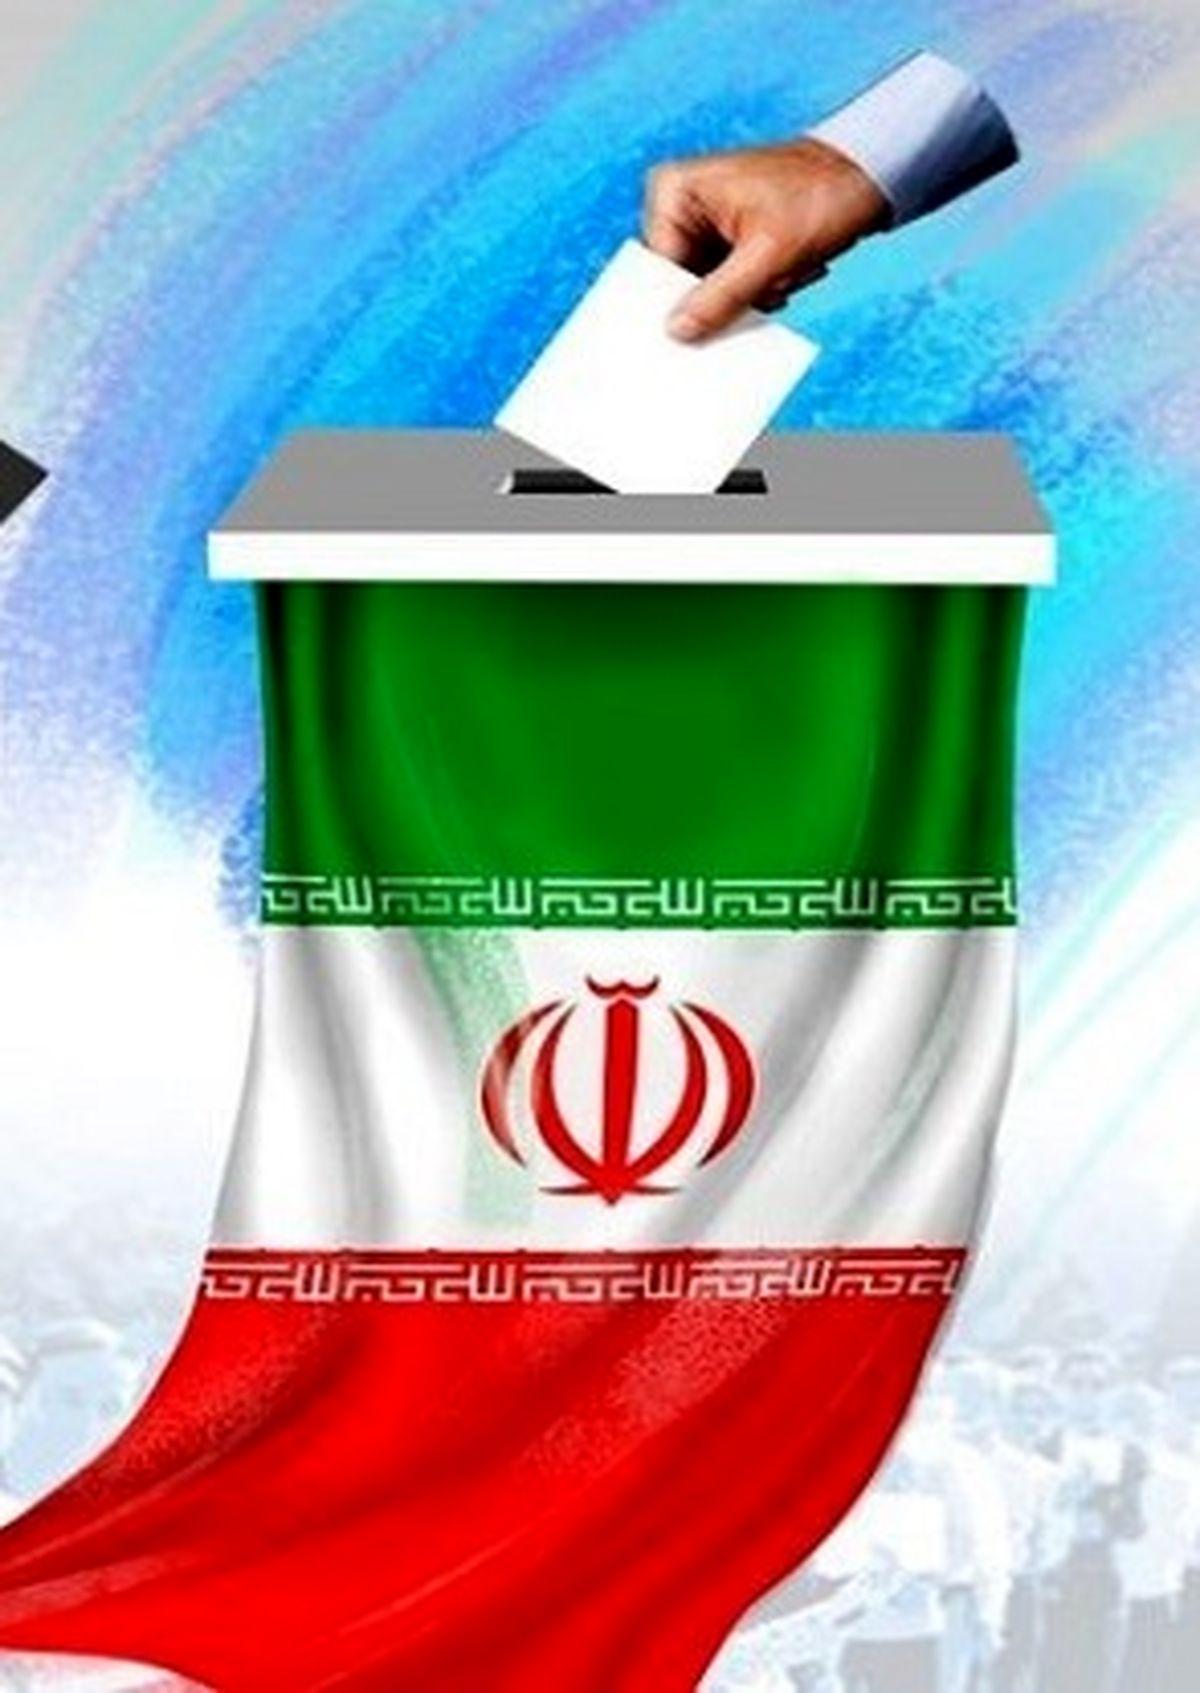 """لیست شورای ائتلاف """" گروه اسوه"""" در انتخابات شوراها + اسامی"""